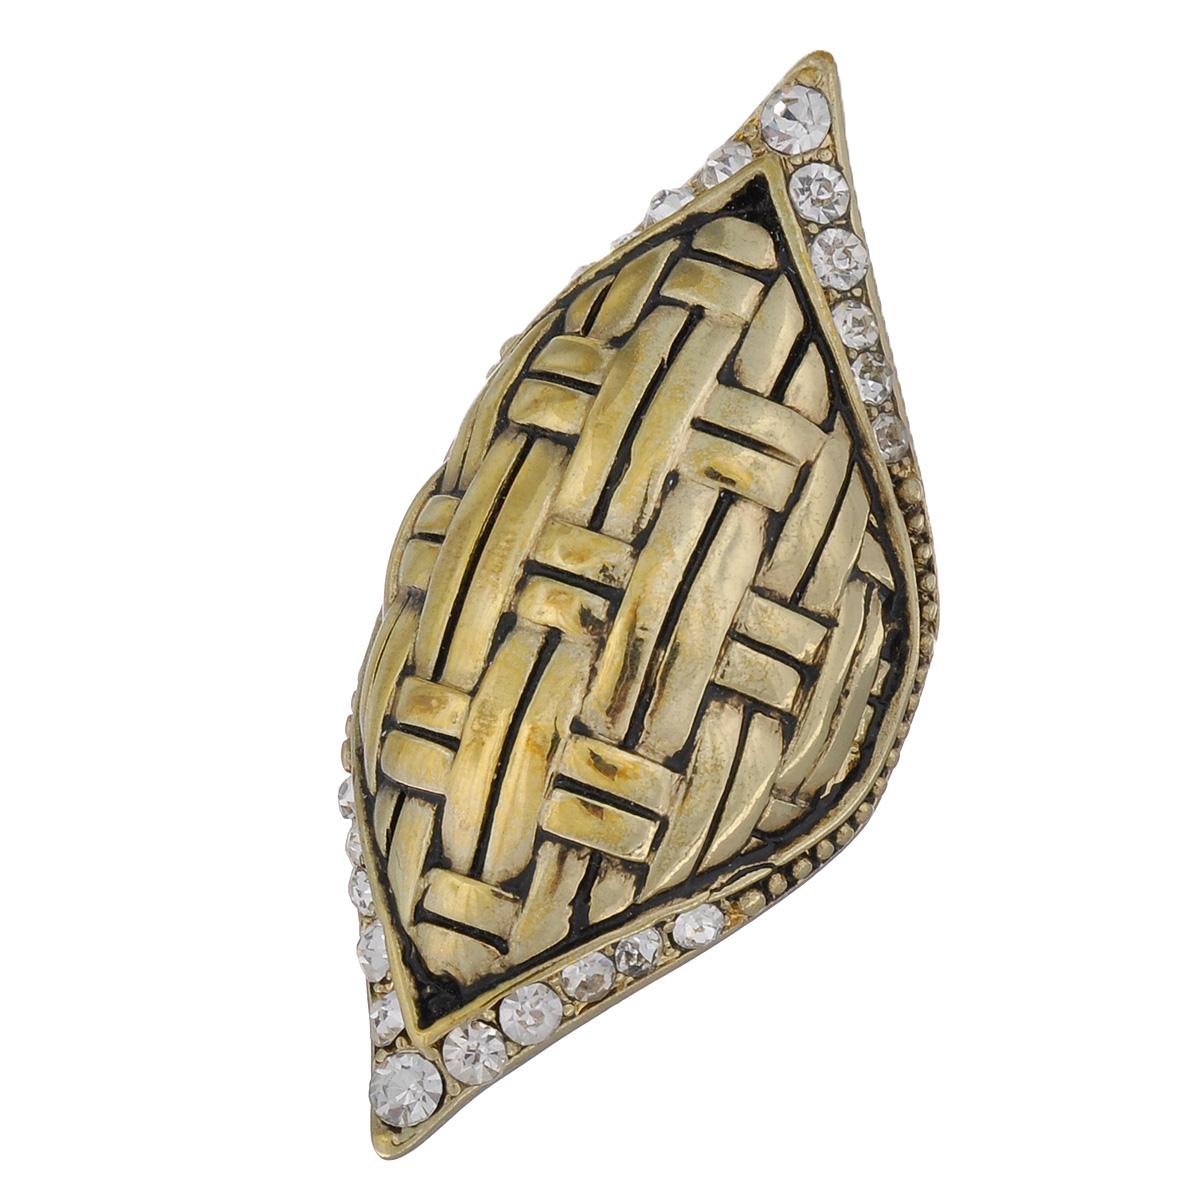 Кольцо Avgad, цвет: золотистый. EA178JW165Коктейльное кольцоОригинальное кольцо Avgad выполненное из ювелирного сплава оформлено рельефом и стразами. Элементы кольца соединены с помощью тонкой резинки, благодаря этому оно легко одевается и снимается. Размер универсальный.Кольцо позволит вам с легкостью воплотить самую смелую фантазию и создать собственный, неповторимый образ.